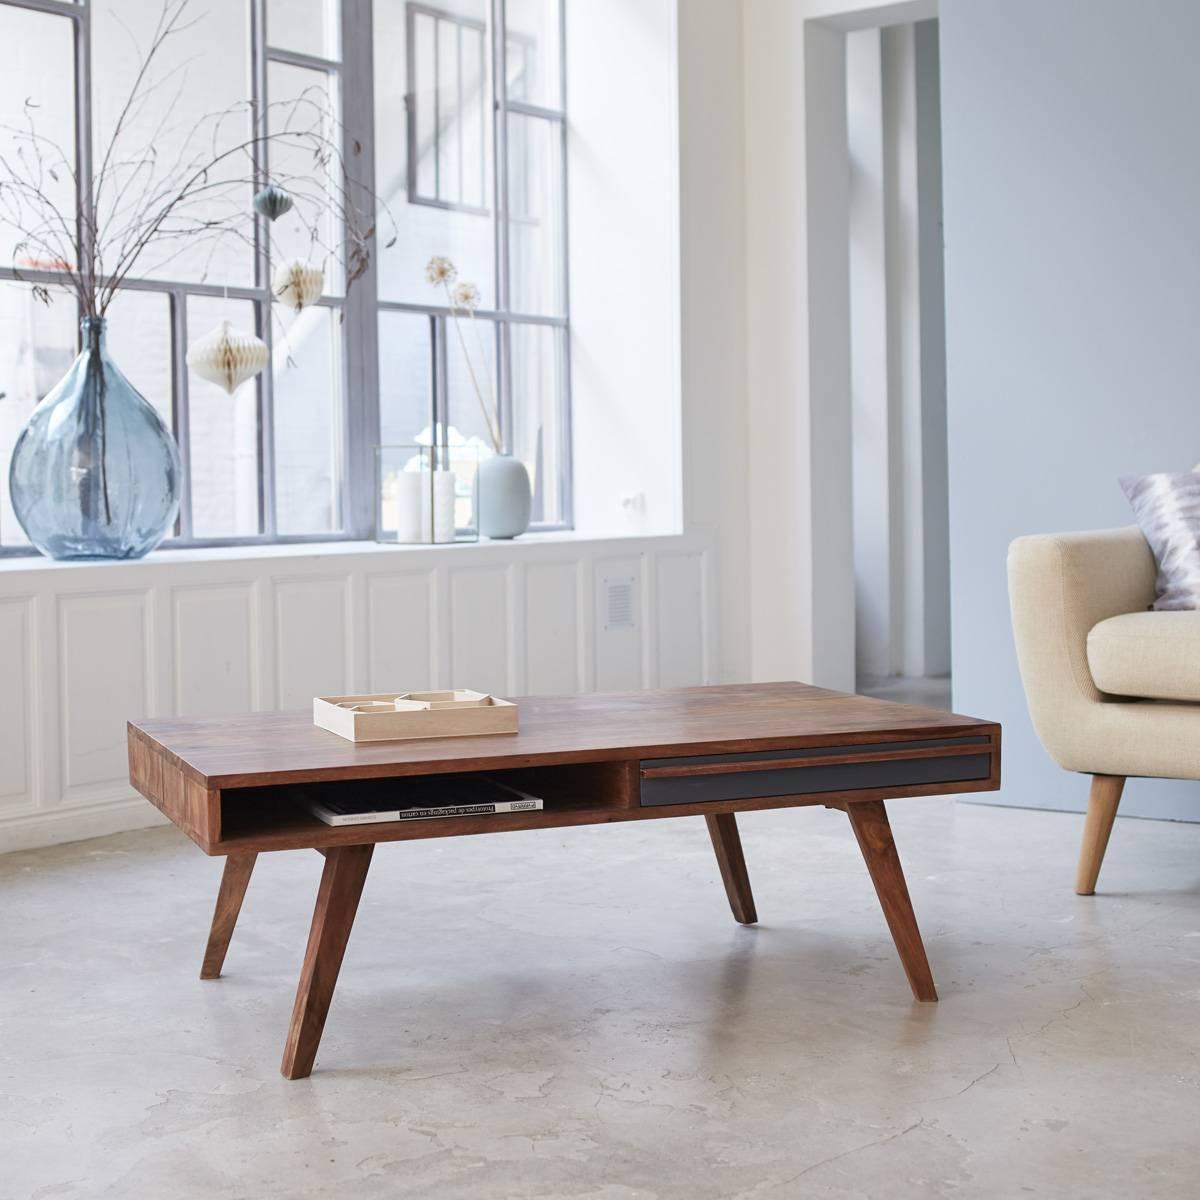 Solid Sheesham Coffee Tables - Square Sheesham Coffee Tables within Sheesham Coffee Tables (Image 22 of 30)